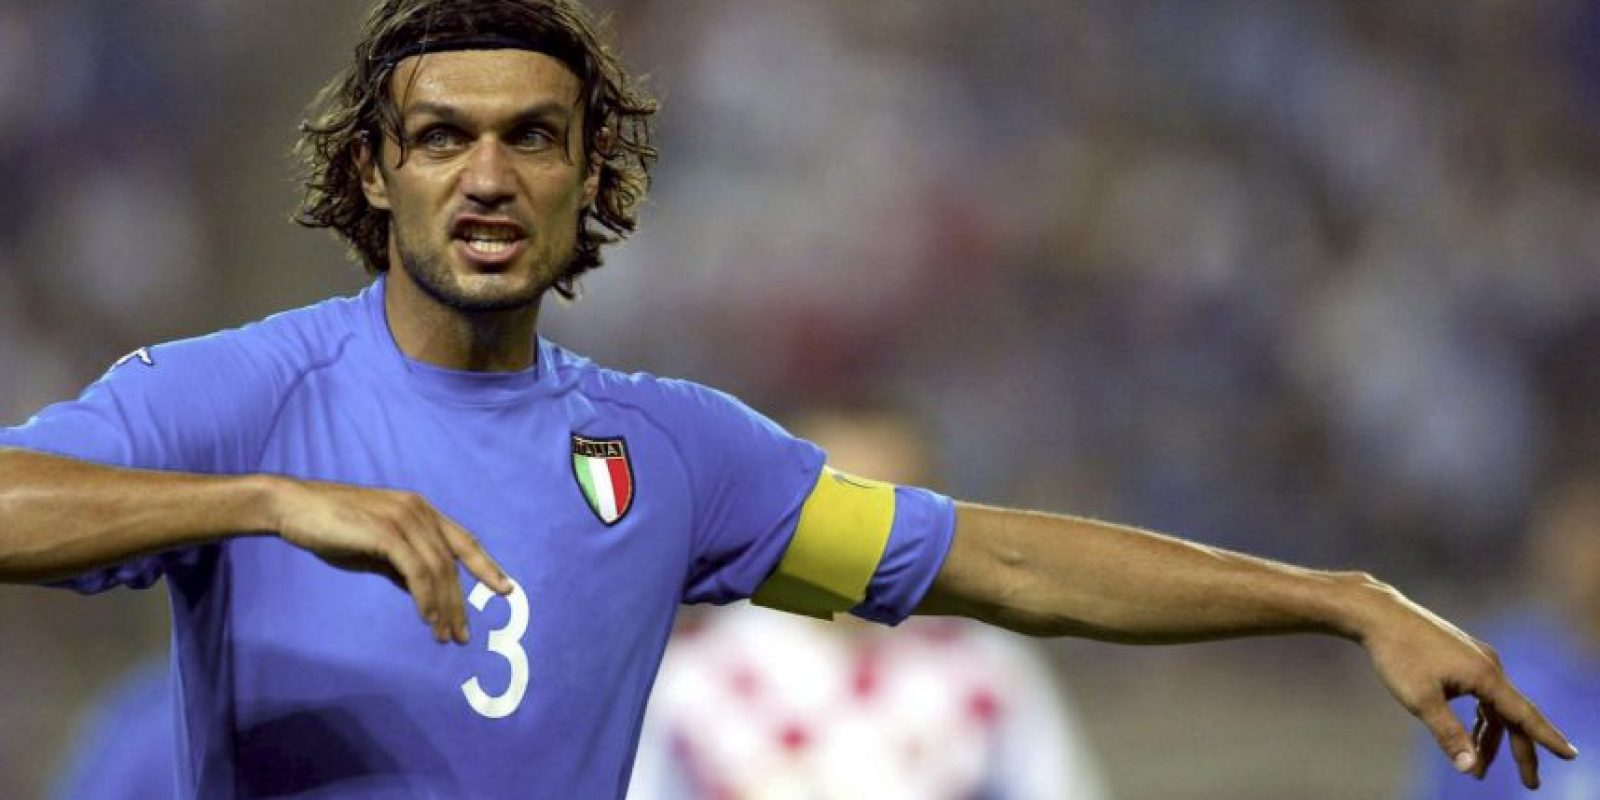 Uno de los jugadores más emblemáticos que ha tenido la selección italiana. El ya histórico capitán del Milan ganó lo que pudo con su querido club, pero en la selección no tuvo el mismo éxito. Fue otro de los que lamentó el tercer lugar en el Mundial que organizaron en 1990 y el penal fallado por Baggio que no les permitió coronarse en Estados Unidos 1994. Luego, en 1998 y 2002, se quedaría en cuartos y octavos de final, respectivamente. En la Eurocopa, en tanto, fue subcampeón en el 2000. Foto:Getty Images